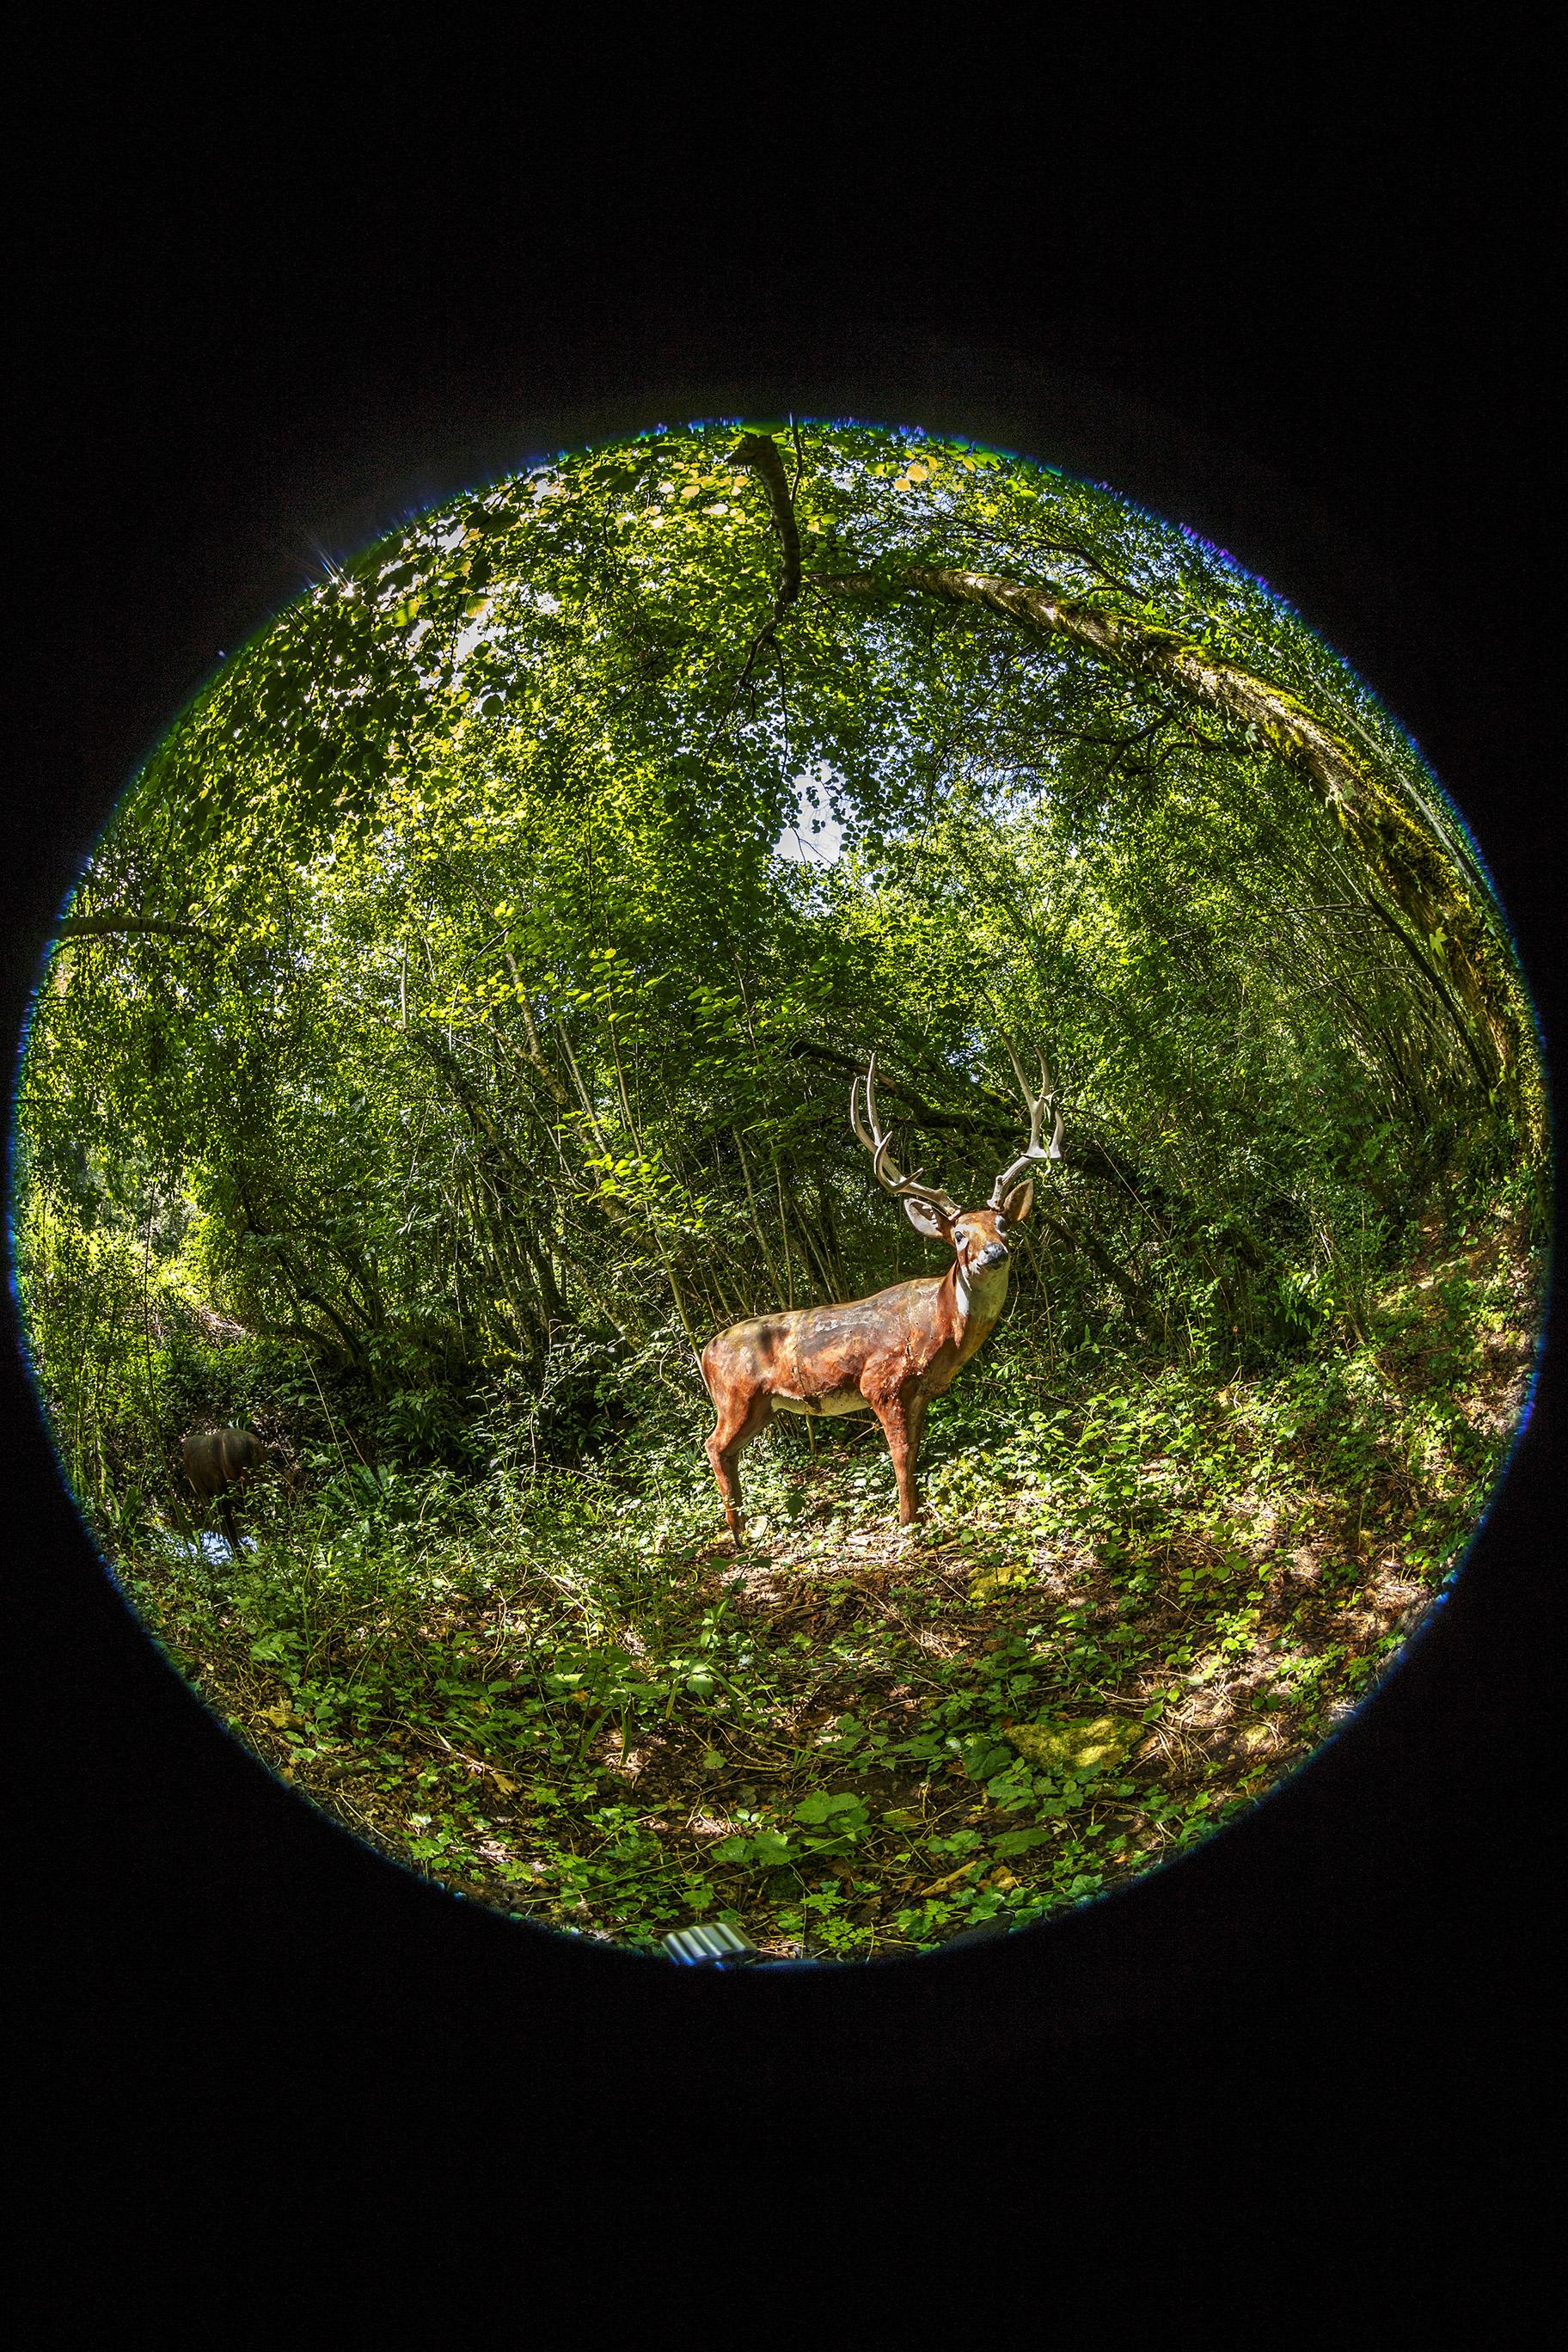 creer-une-visite-virtuelle.com_HDR_Roc_de_cazelle-2.jpg